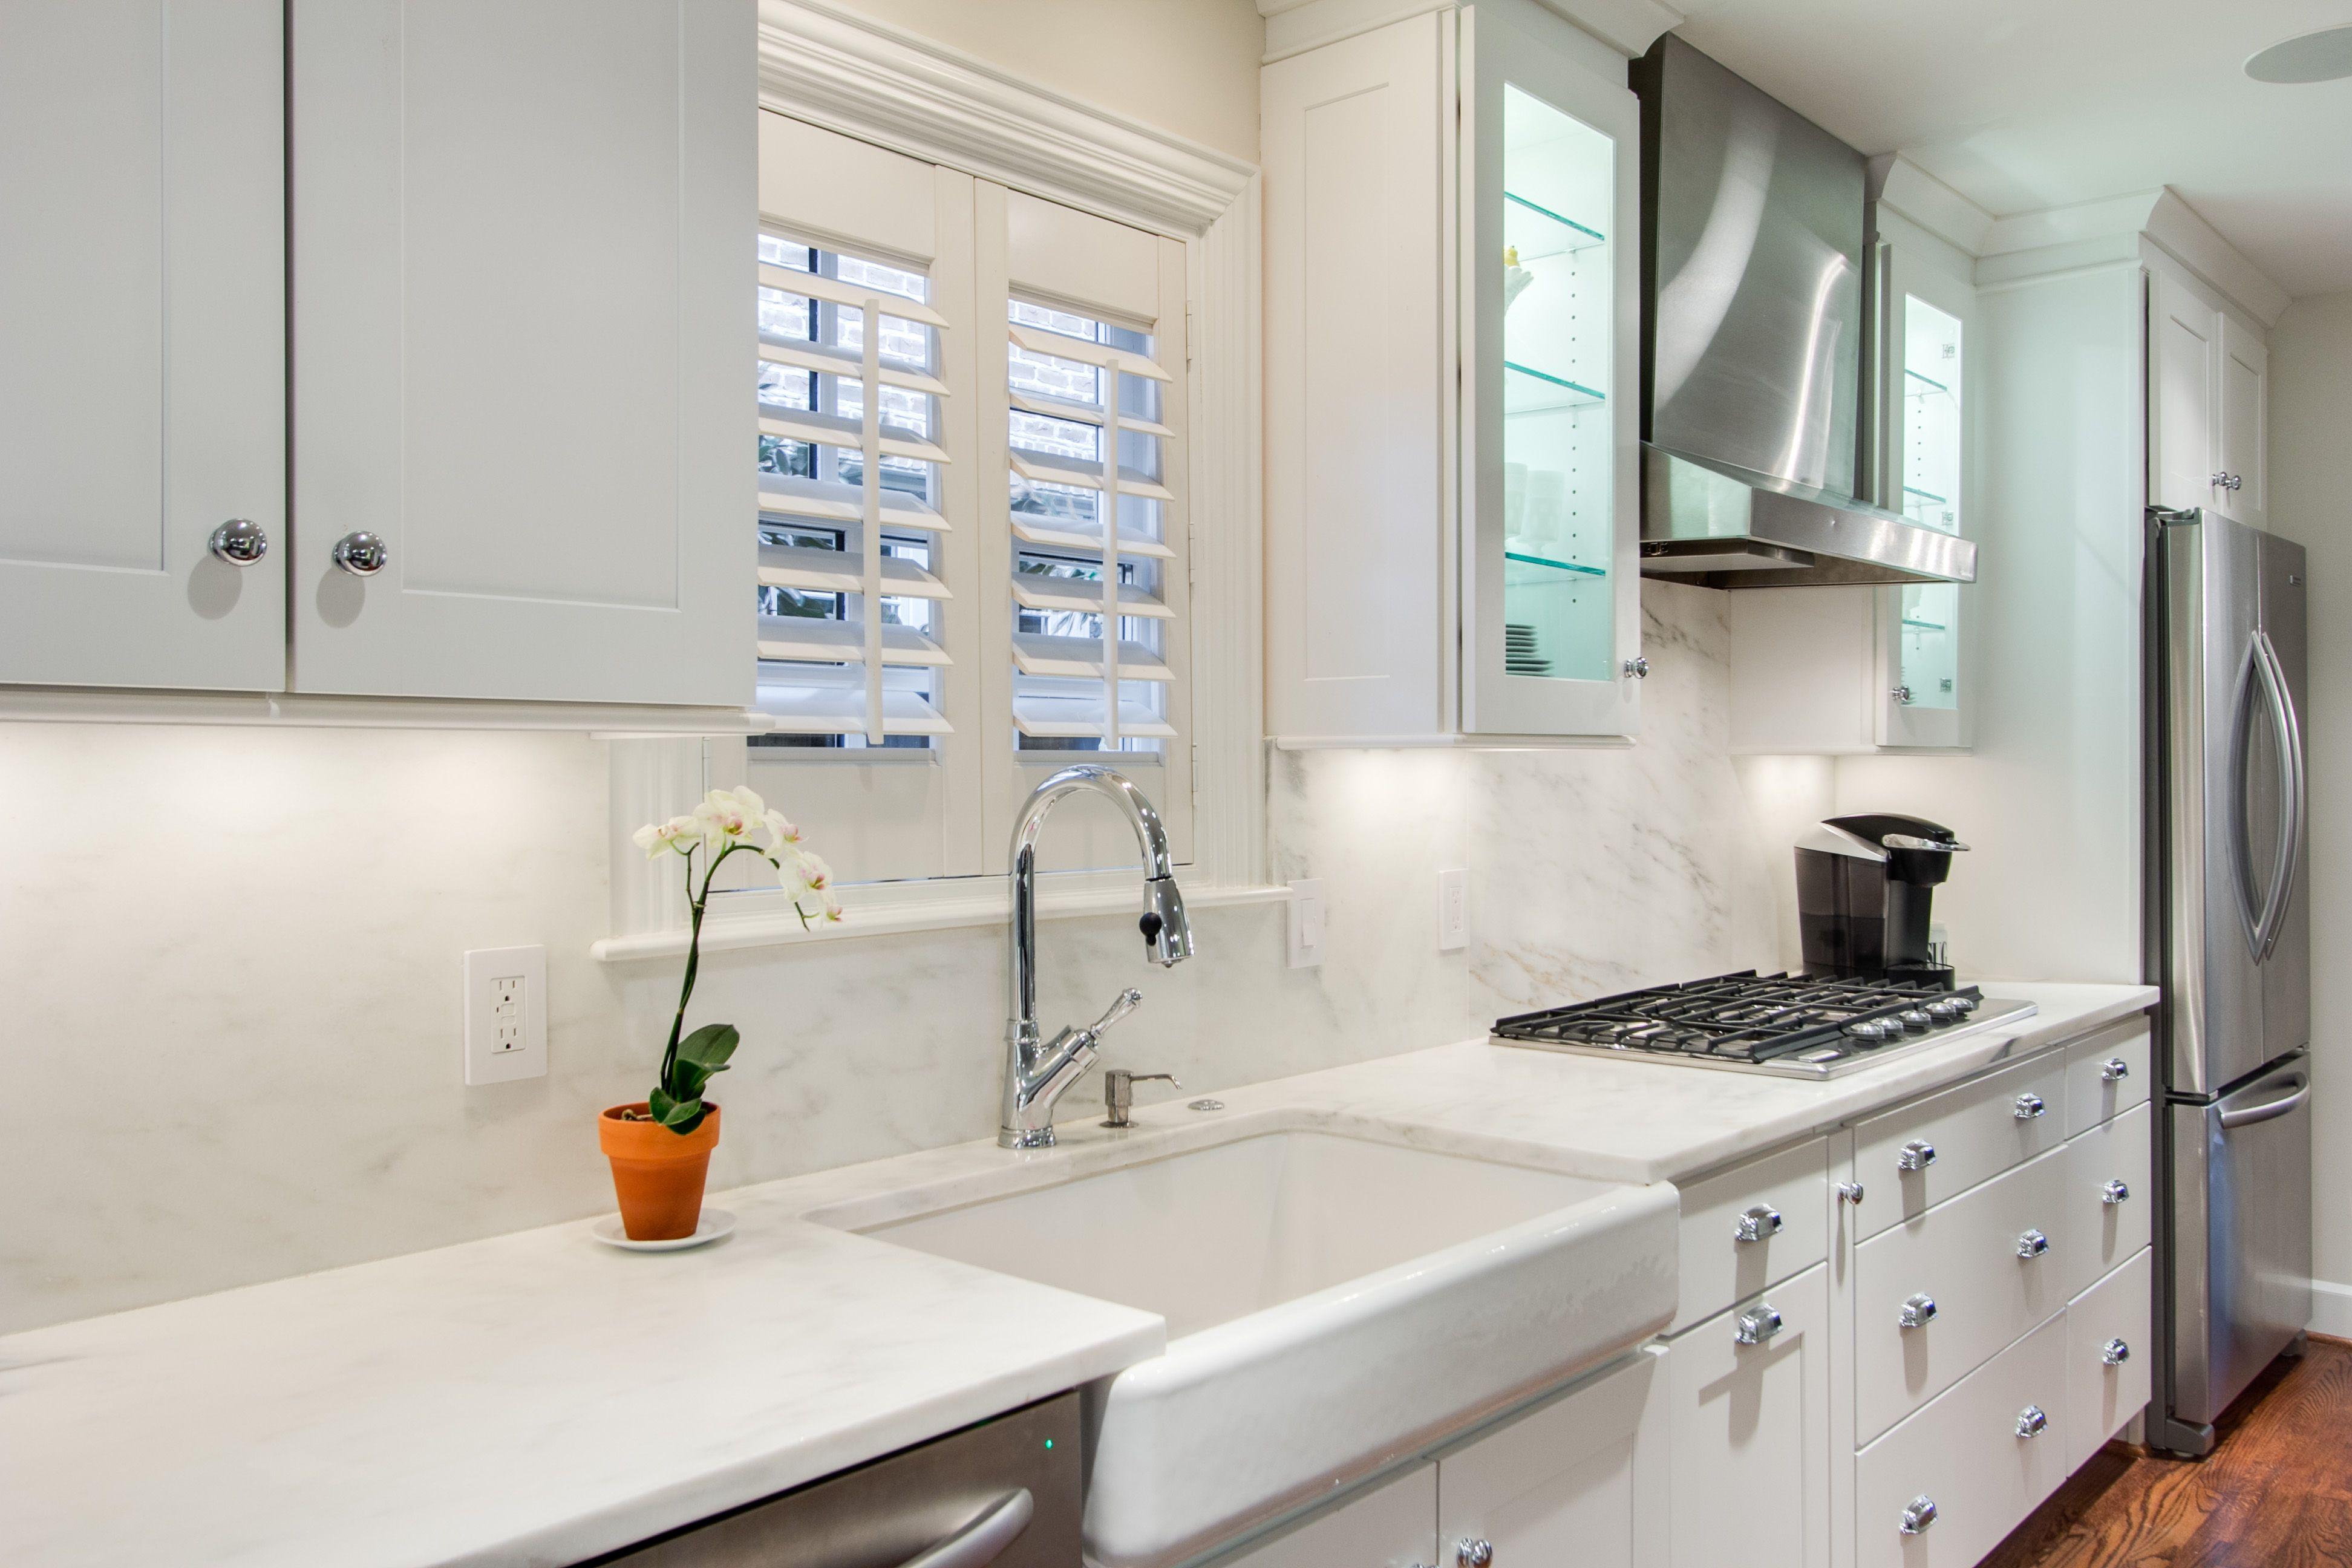 This modern kitchen designed by Kitchen Design Concepts